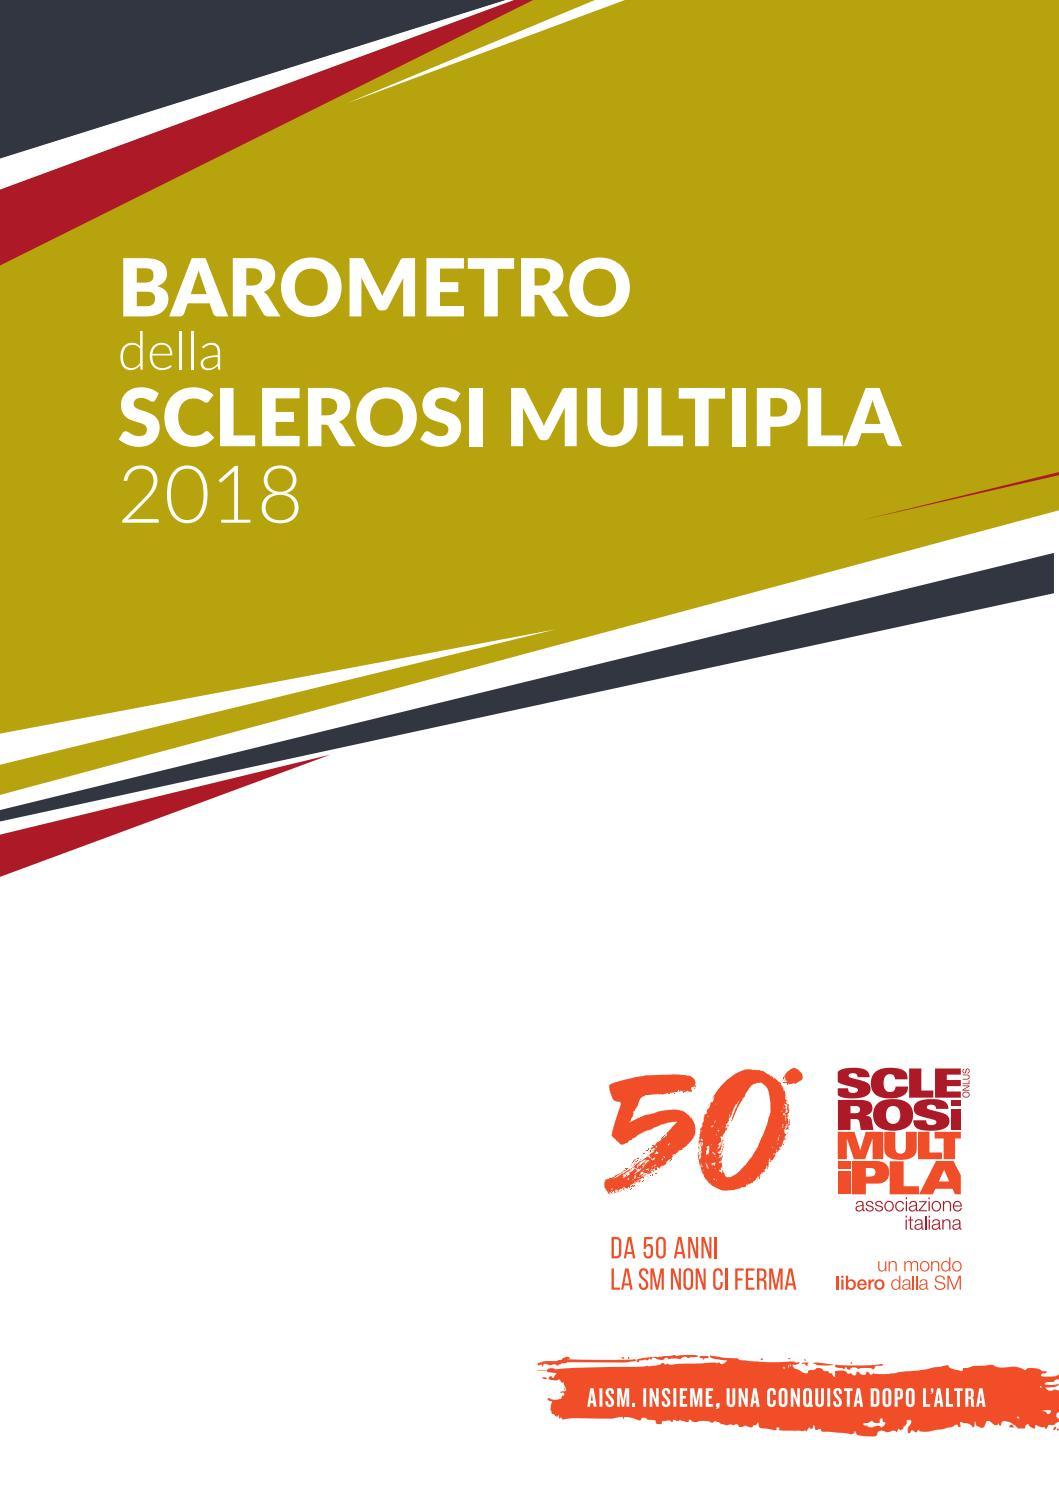 8ffc53efdf Barometro della SM 2018 by AISM Onlus - issuu